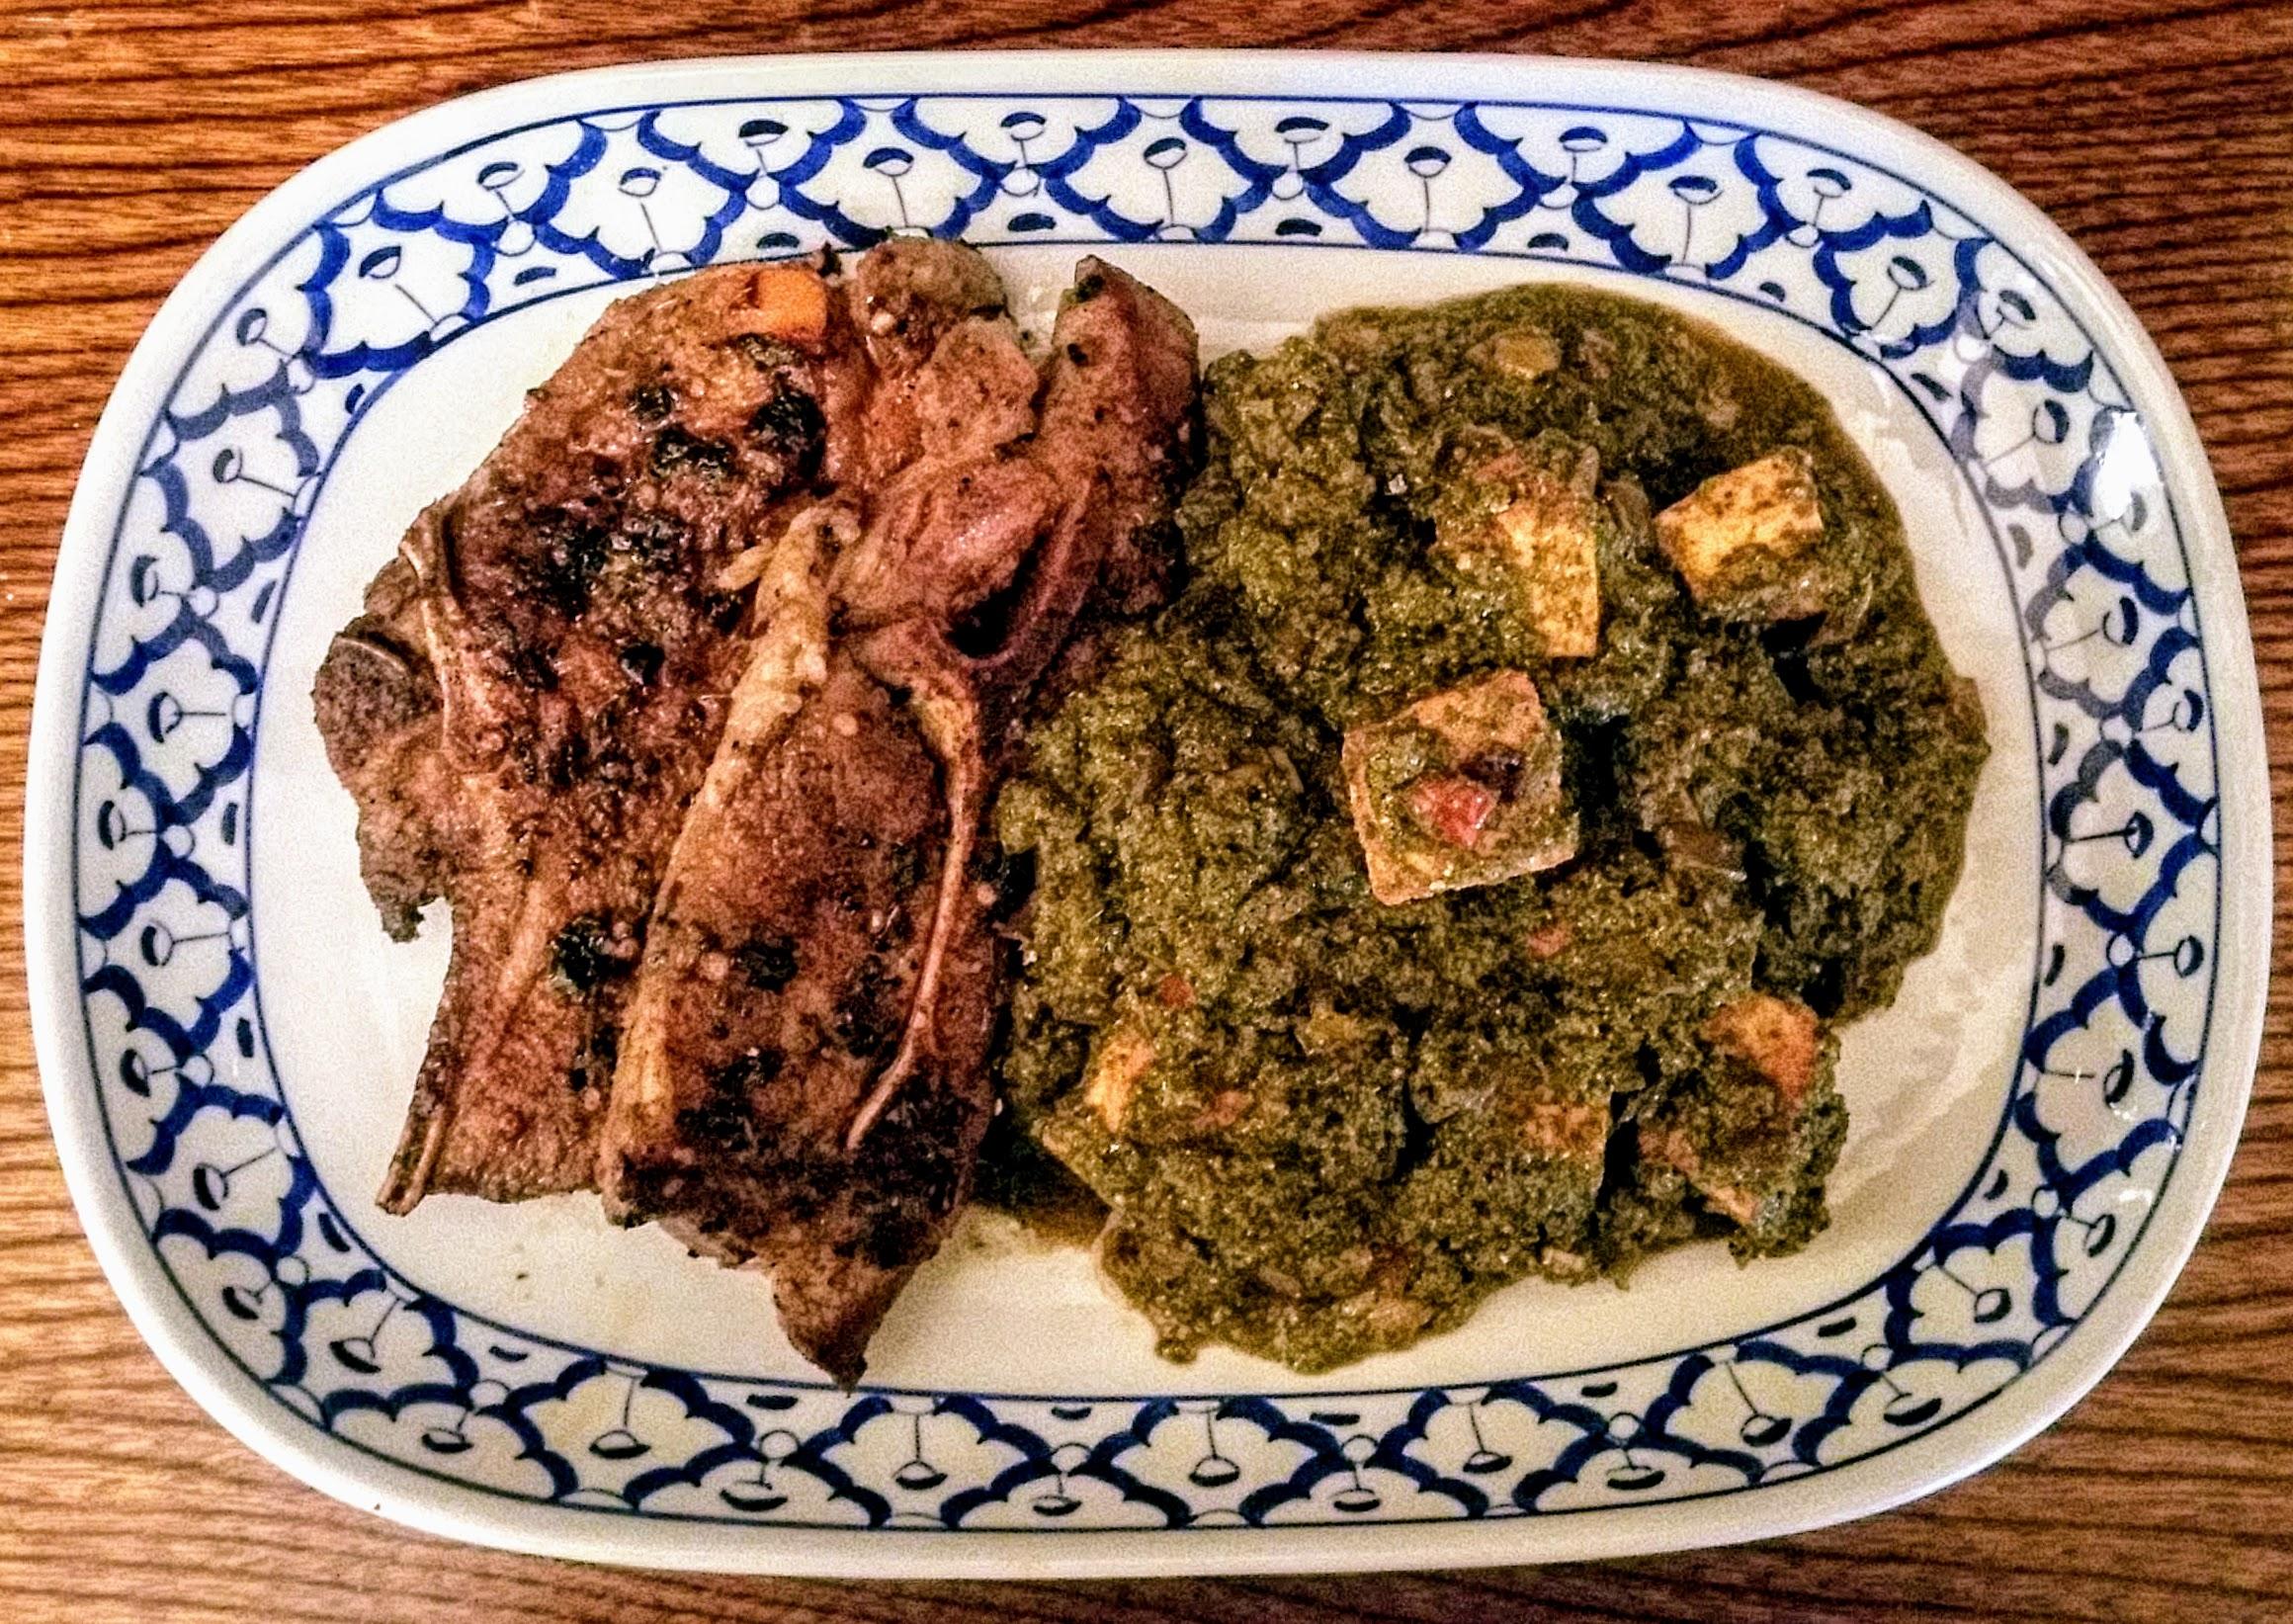 Amritsari Masala Lamb Chops served with Mustard Green Saag Paneer